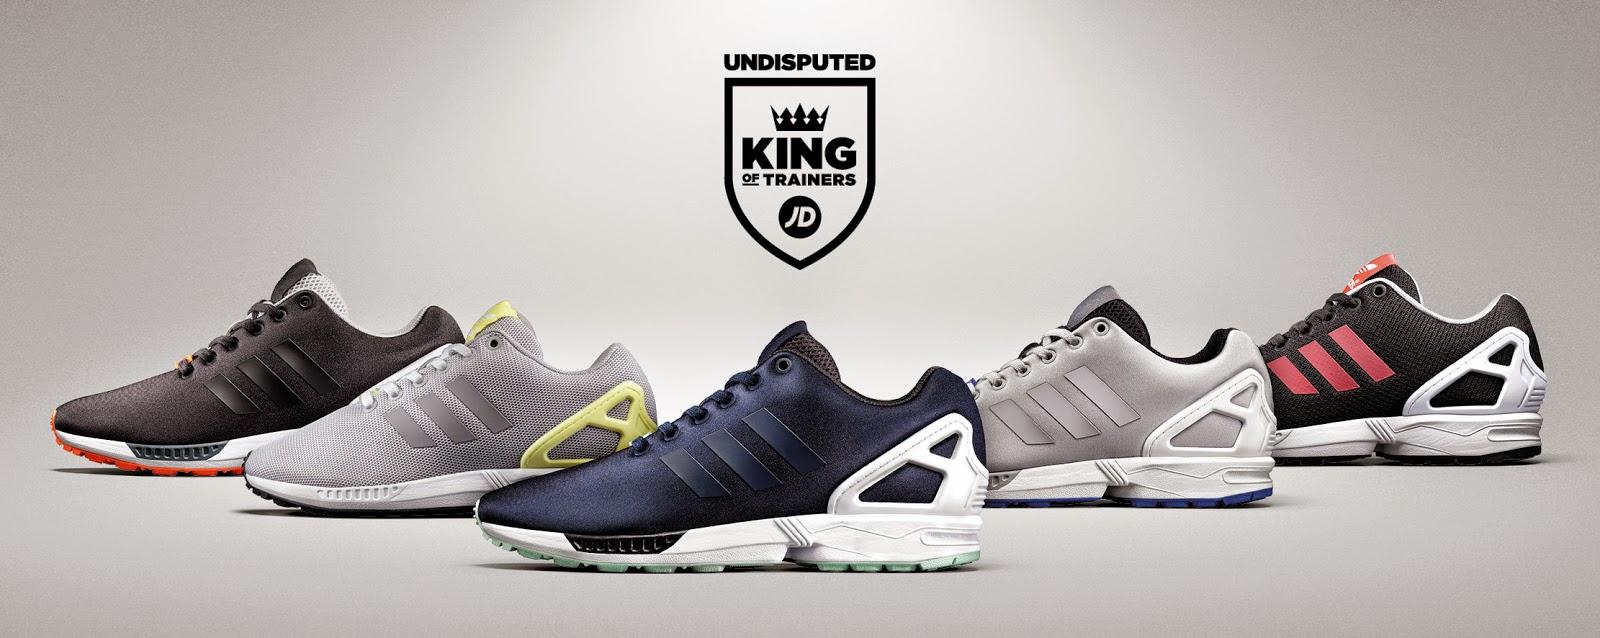 Adidas Trainers Sound Mens K k Jd FgUxwFBq